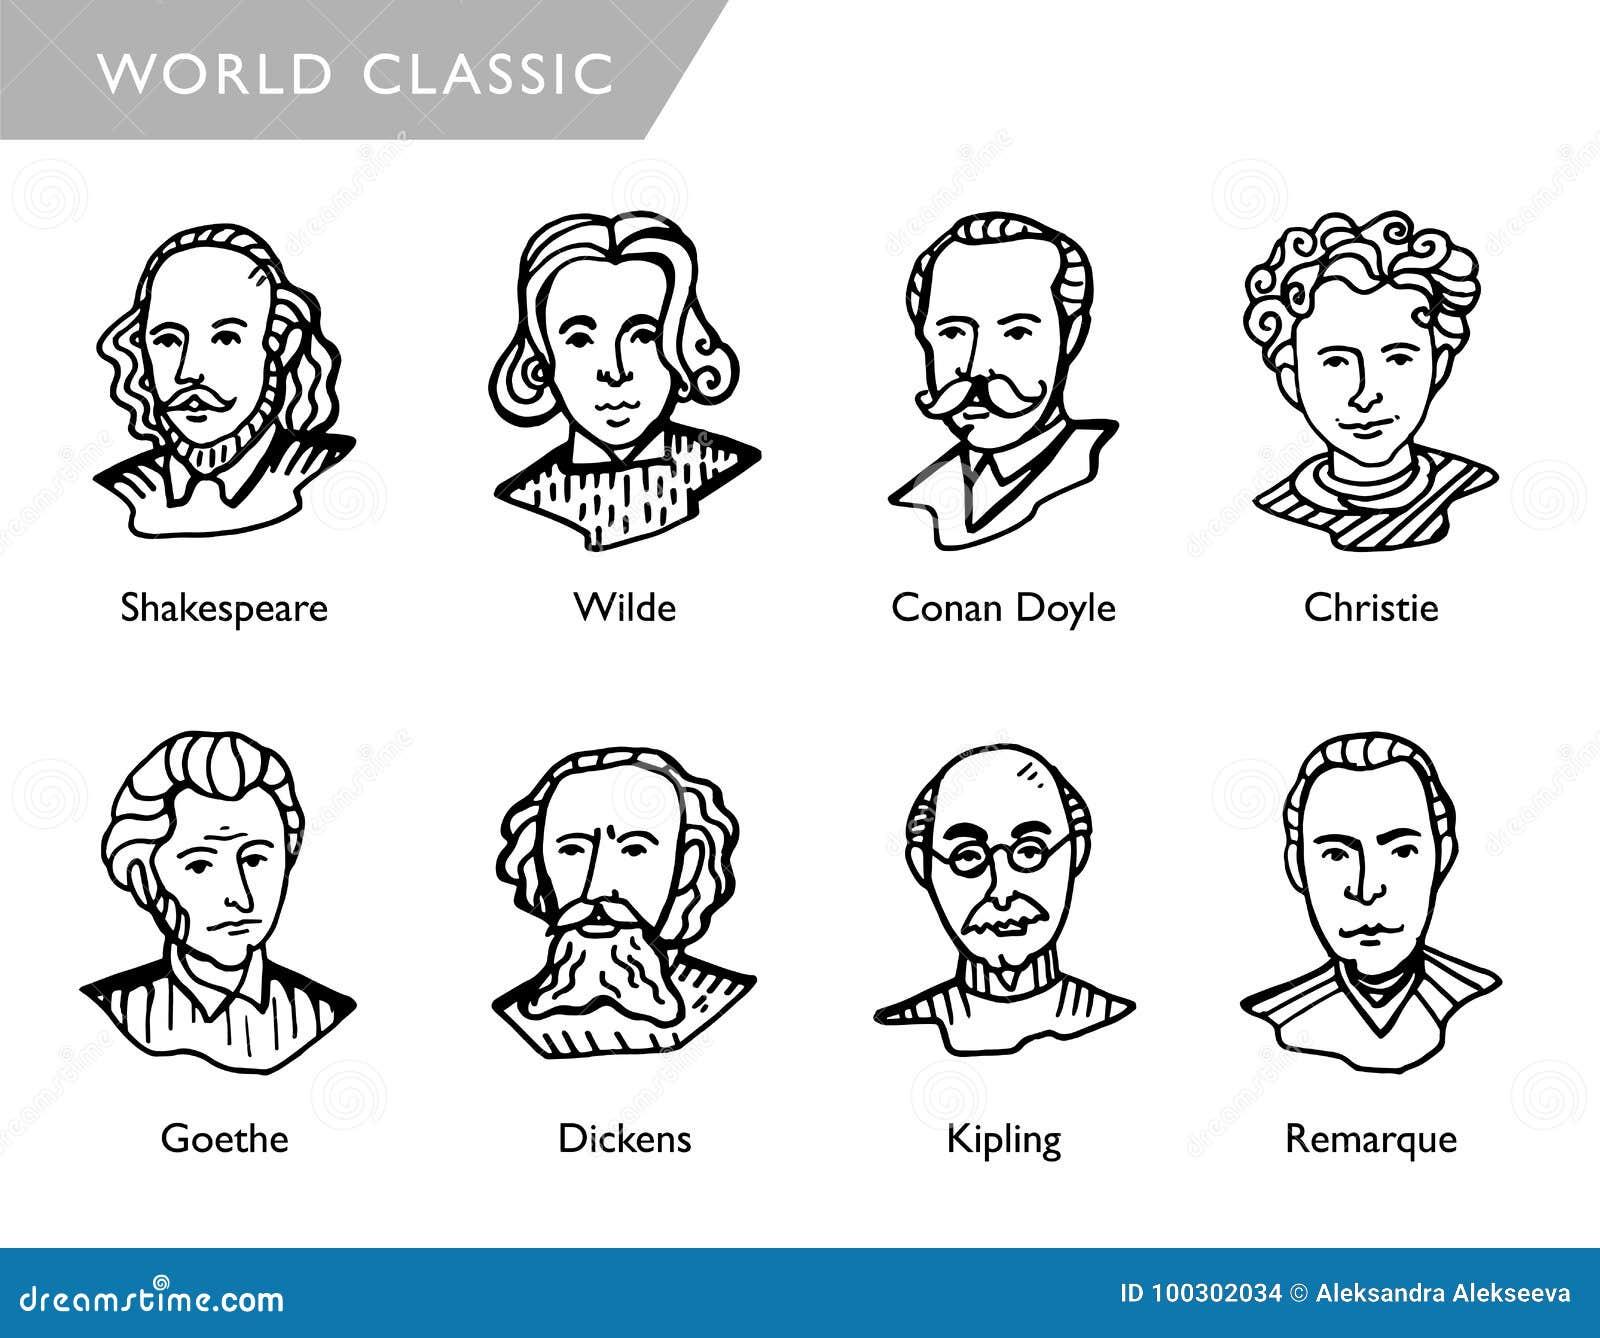 Escritores famosos del mundo, retratos del vector, Shakespeare, Wilde, Conan Doyle, Christie, Goethe, Dickens, Kipling, Remarque